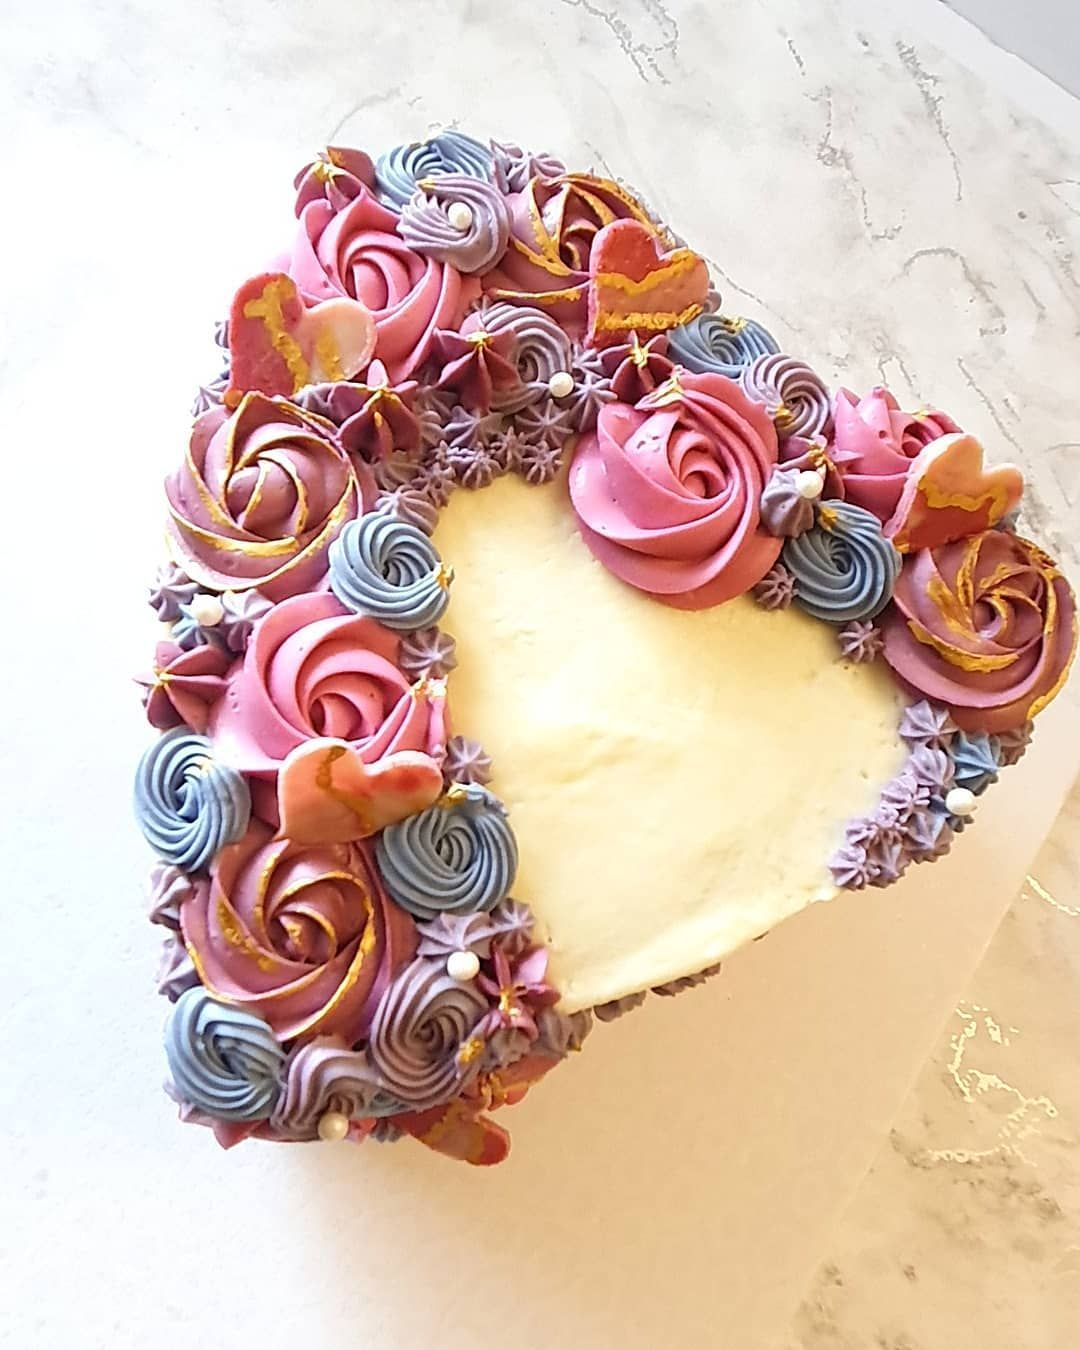 88 likes 8 comments rubina rubys_sweet_treats_ksa on